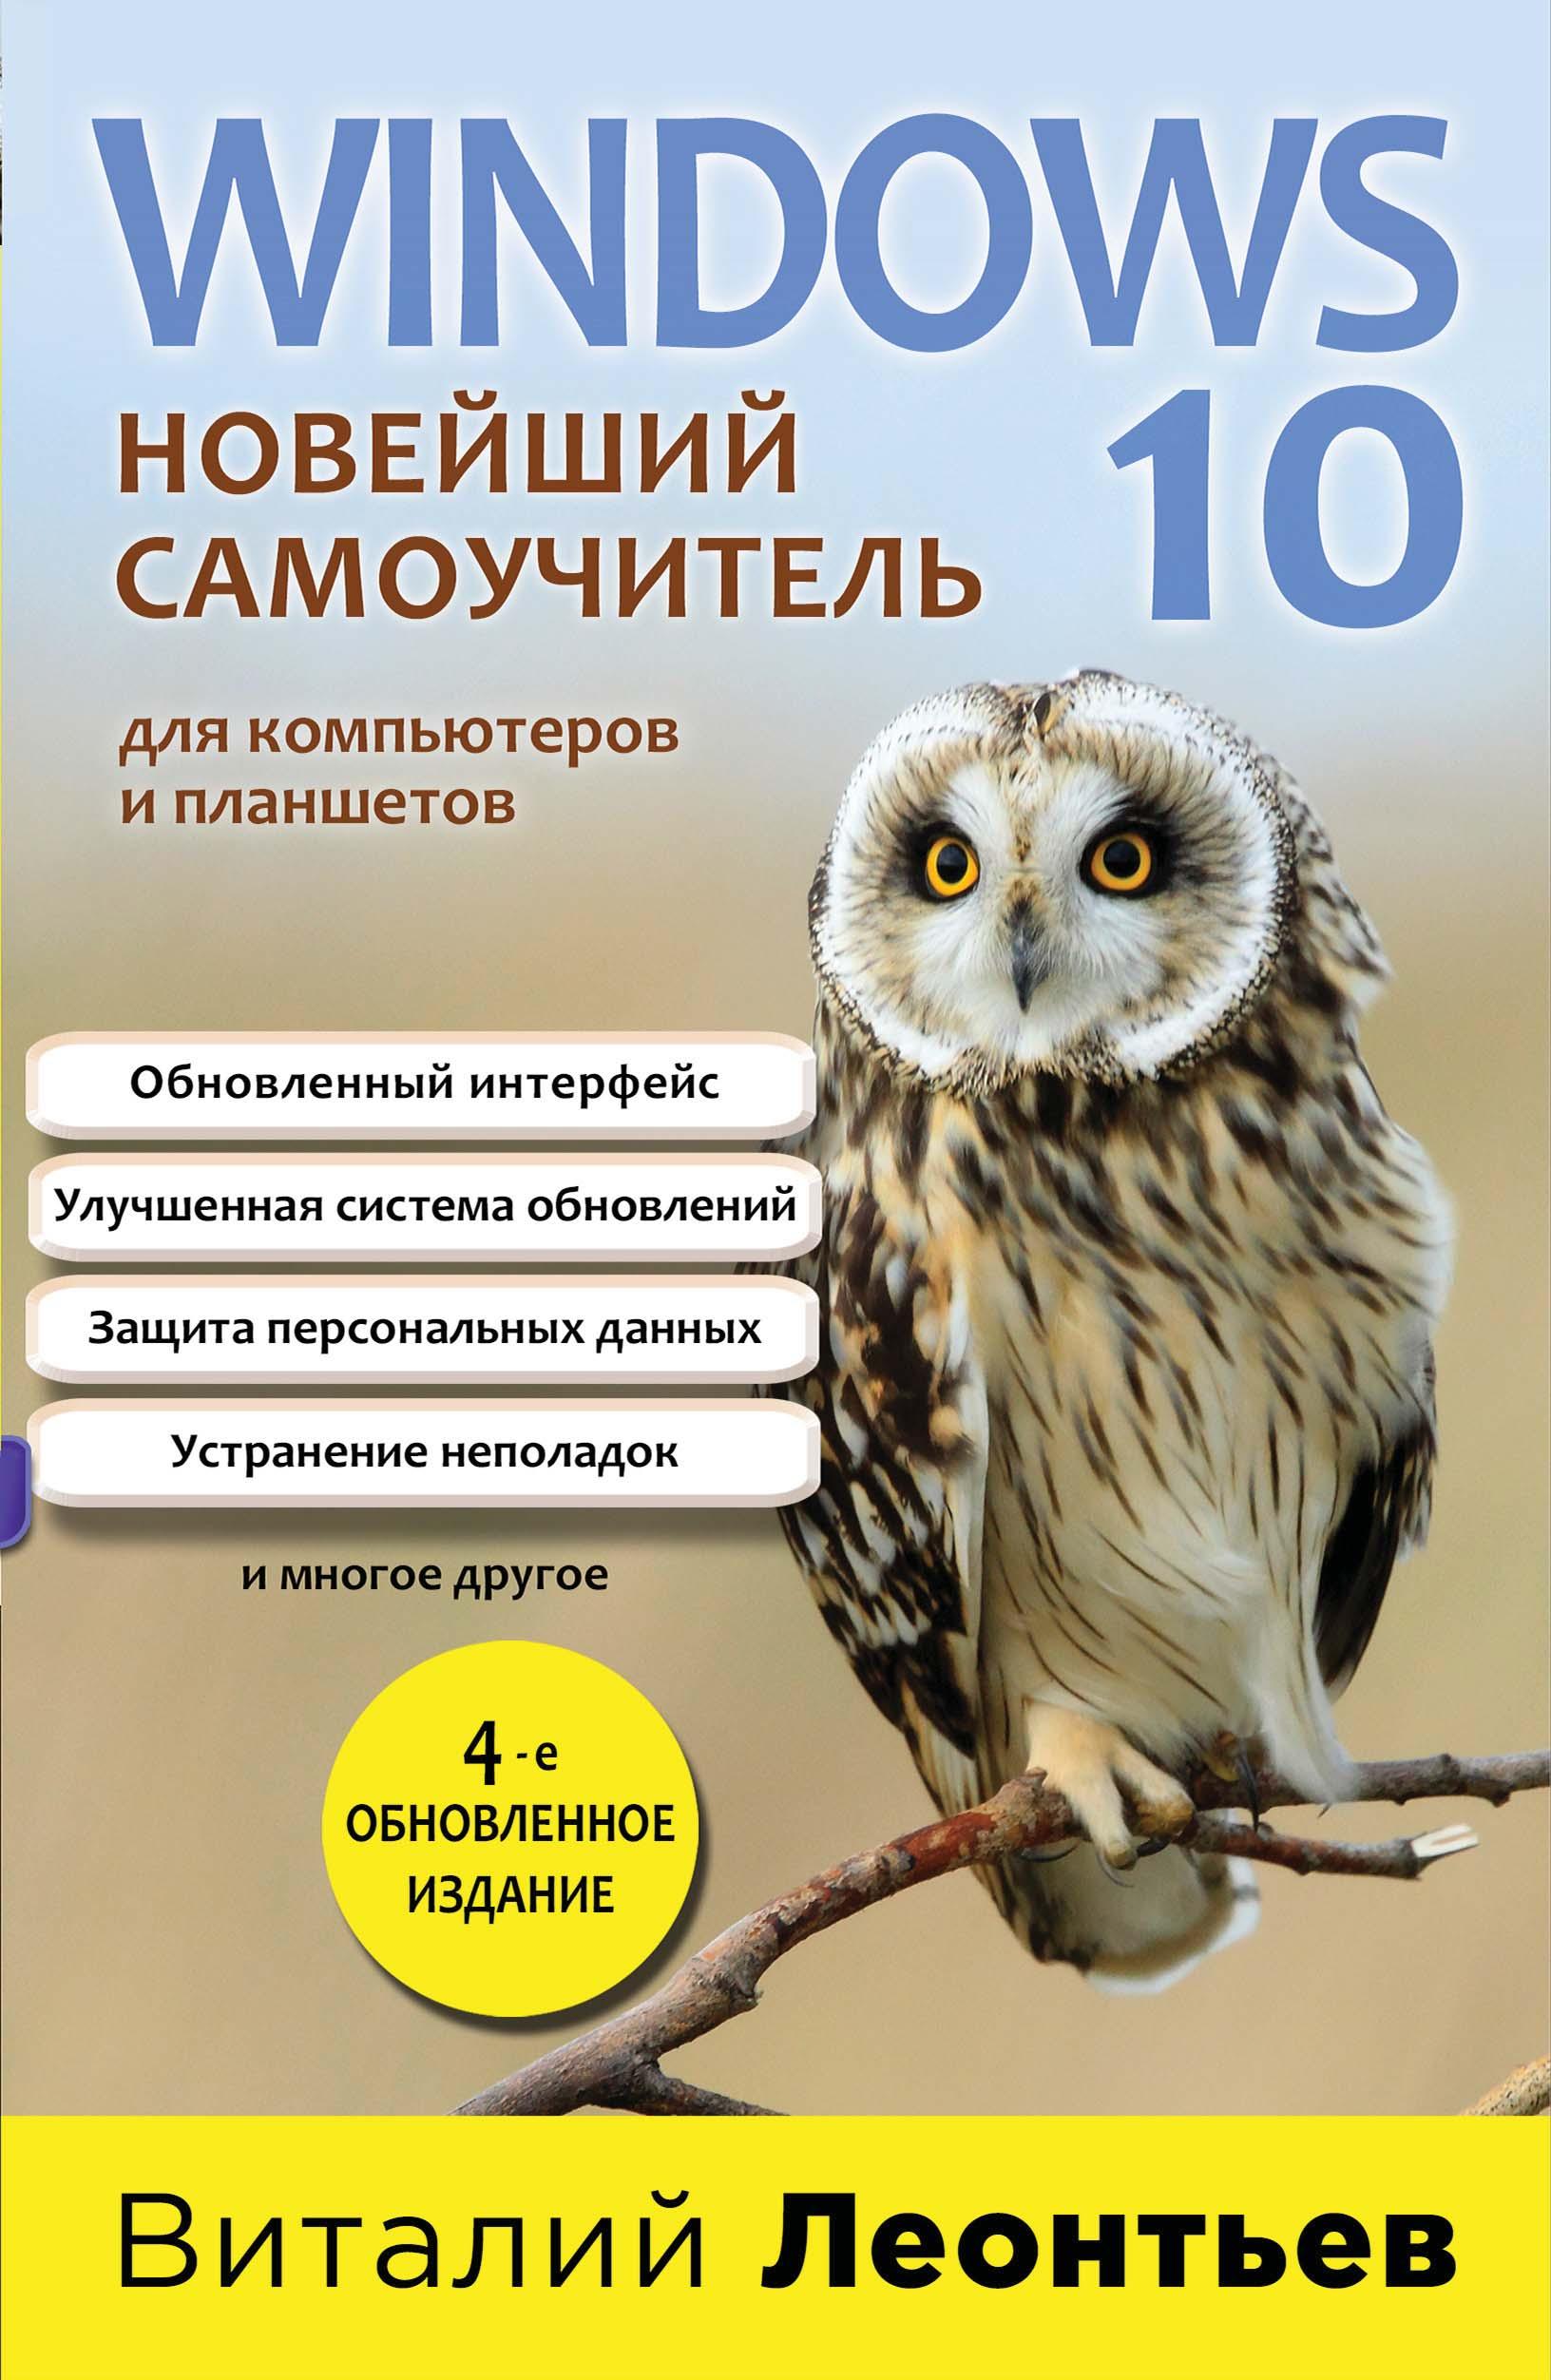 Виталий Леонтьев Windows 10. Новейший самоучитель леонтьев виталий петрович новейший самоучитель windows 8 1 windows 10